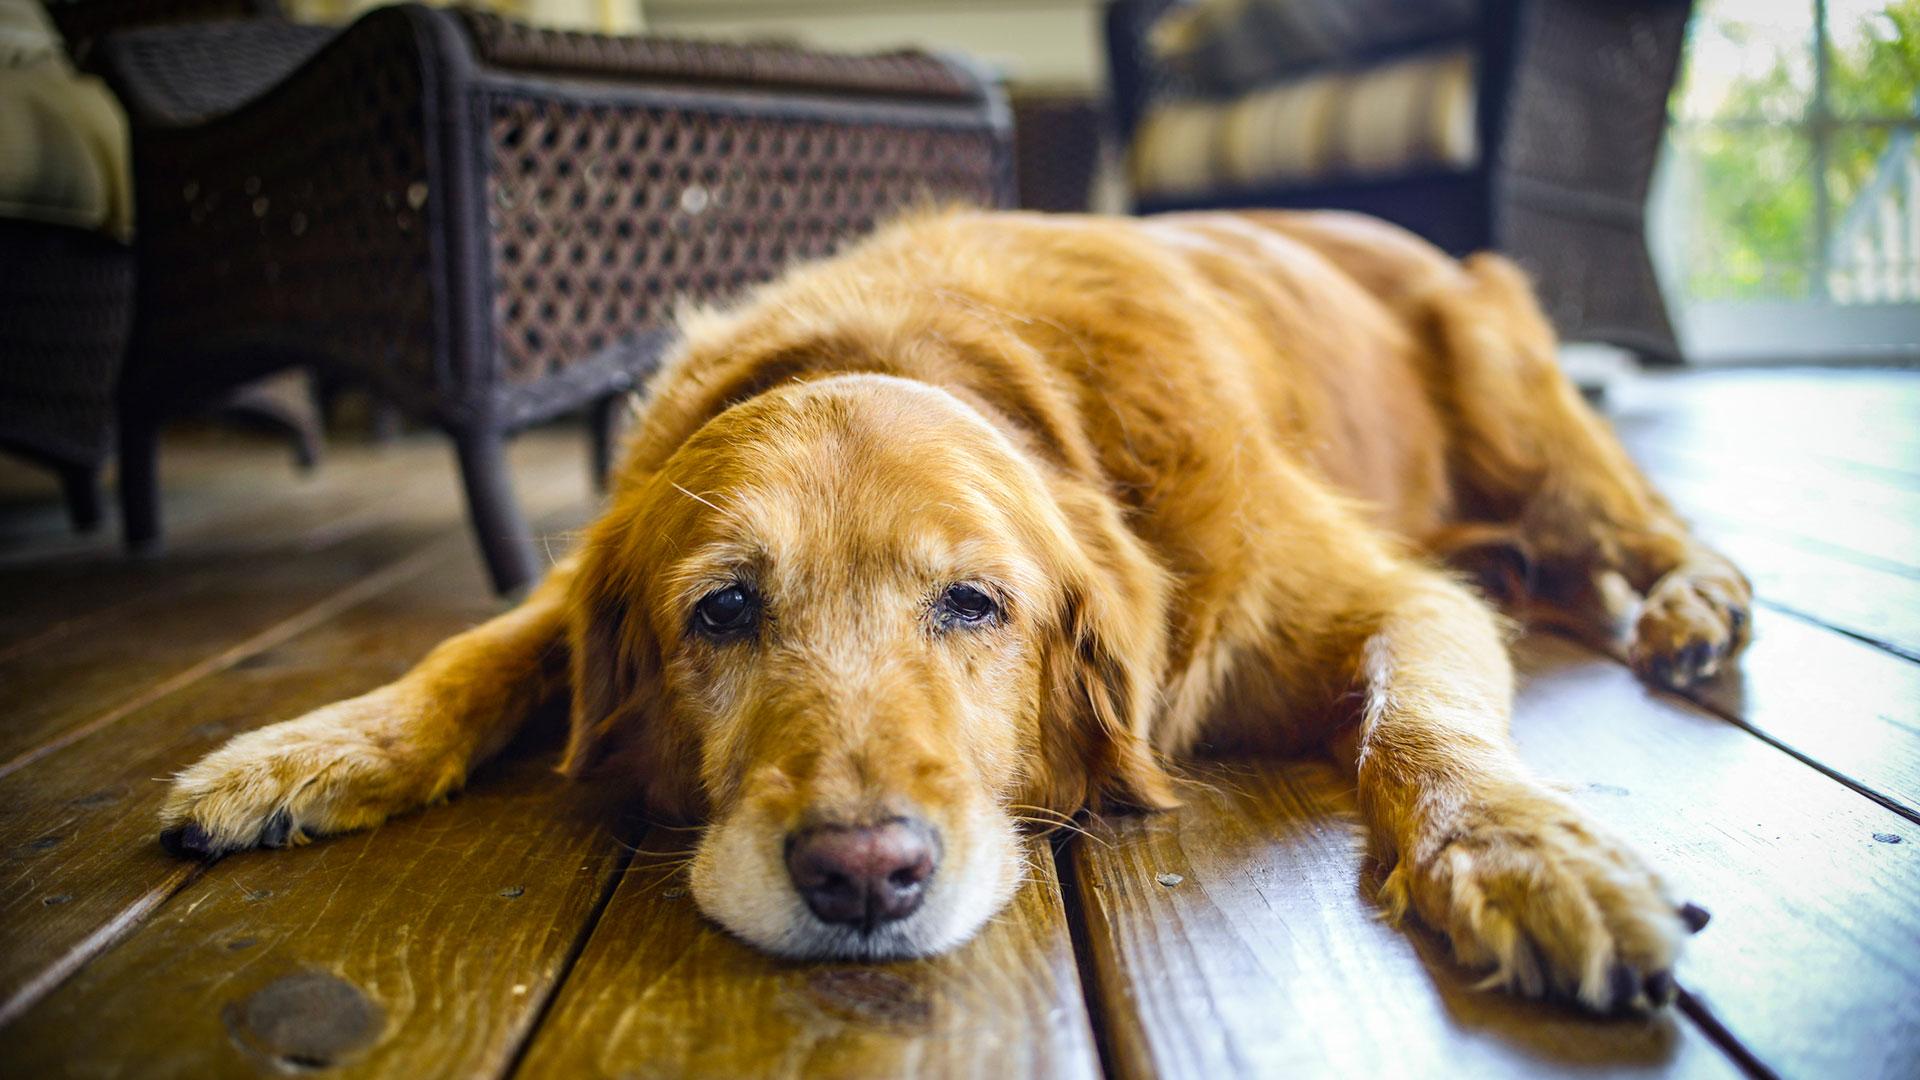 """Los perros pueden llegar a sufrir de """"ansiedad por separación"""" o bien depresión, cuando sus amos se alejan del hogar por un largo tiempo (iStock)"""